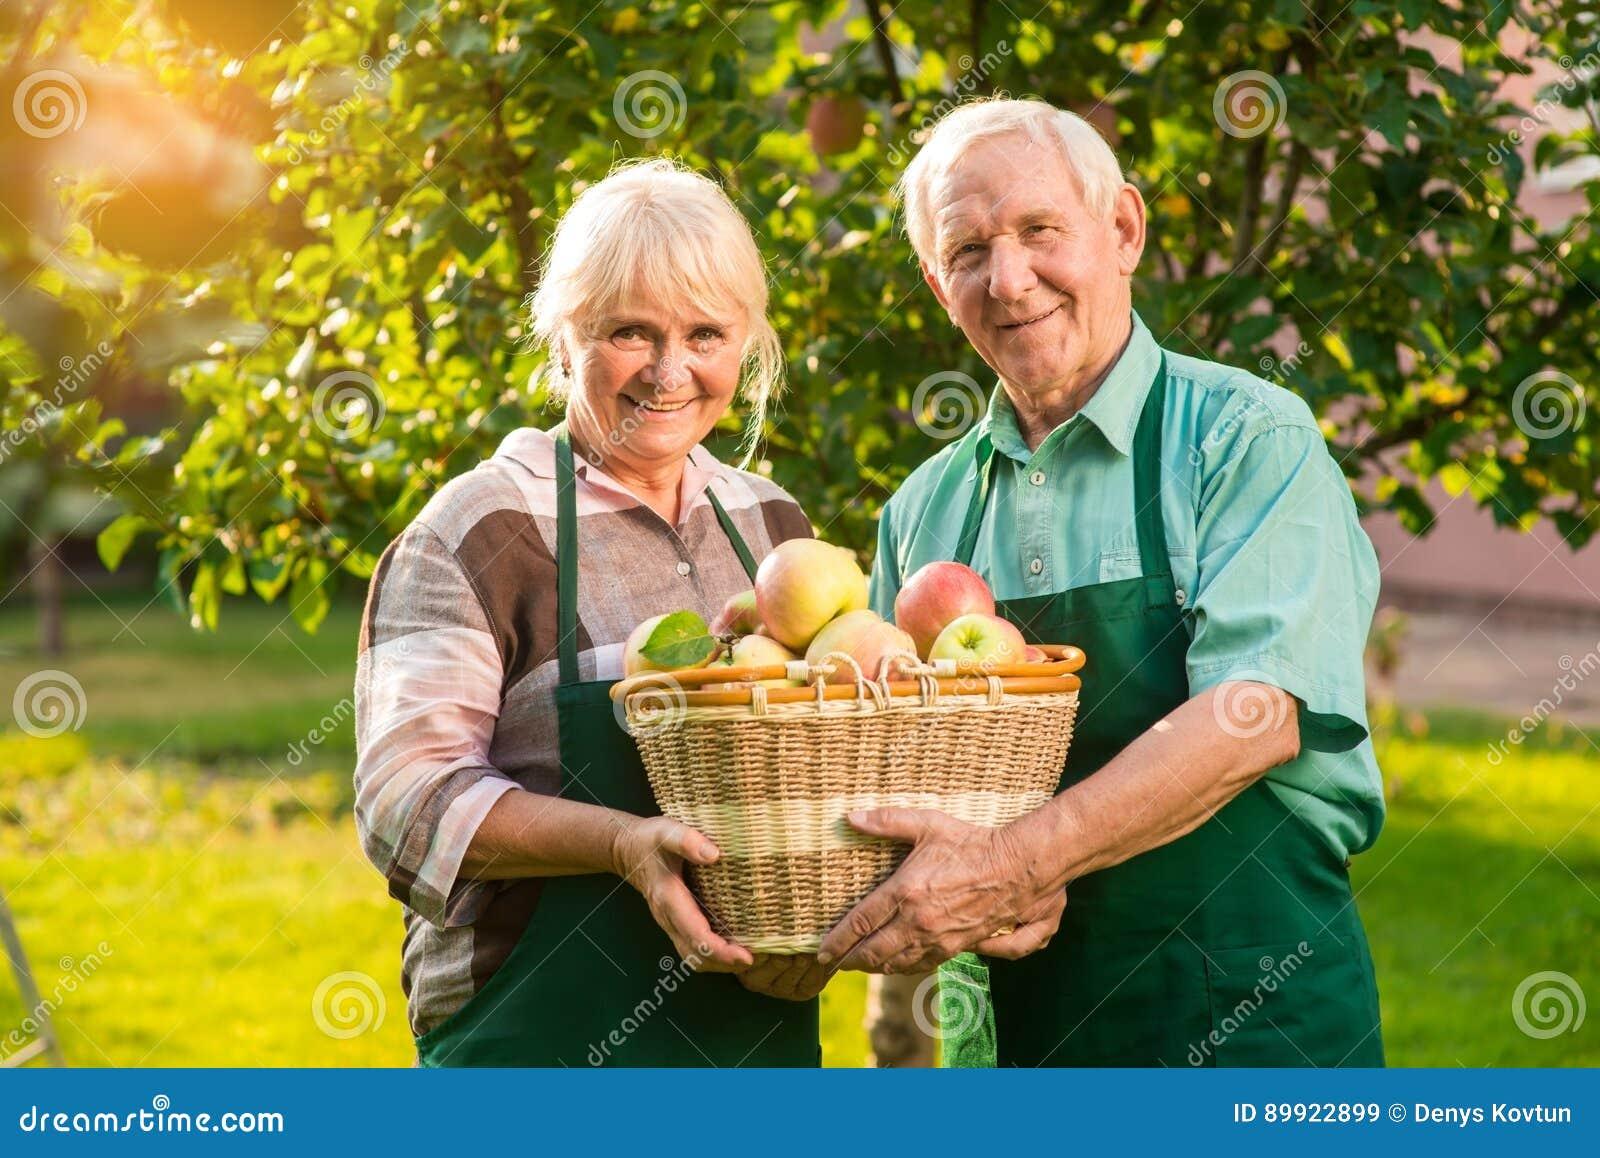 Ηλικιωμένο καλάθι μήλων εκμετάλλευσης ζευγών